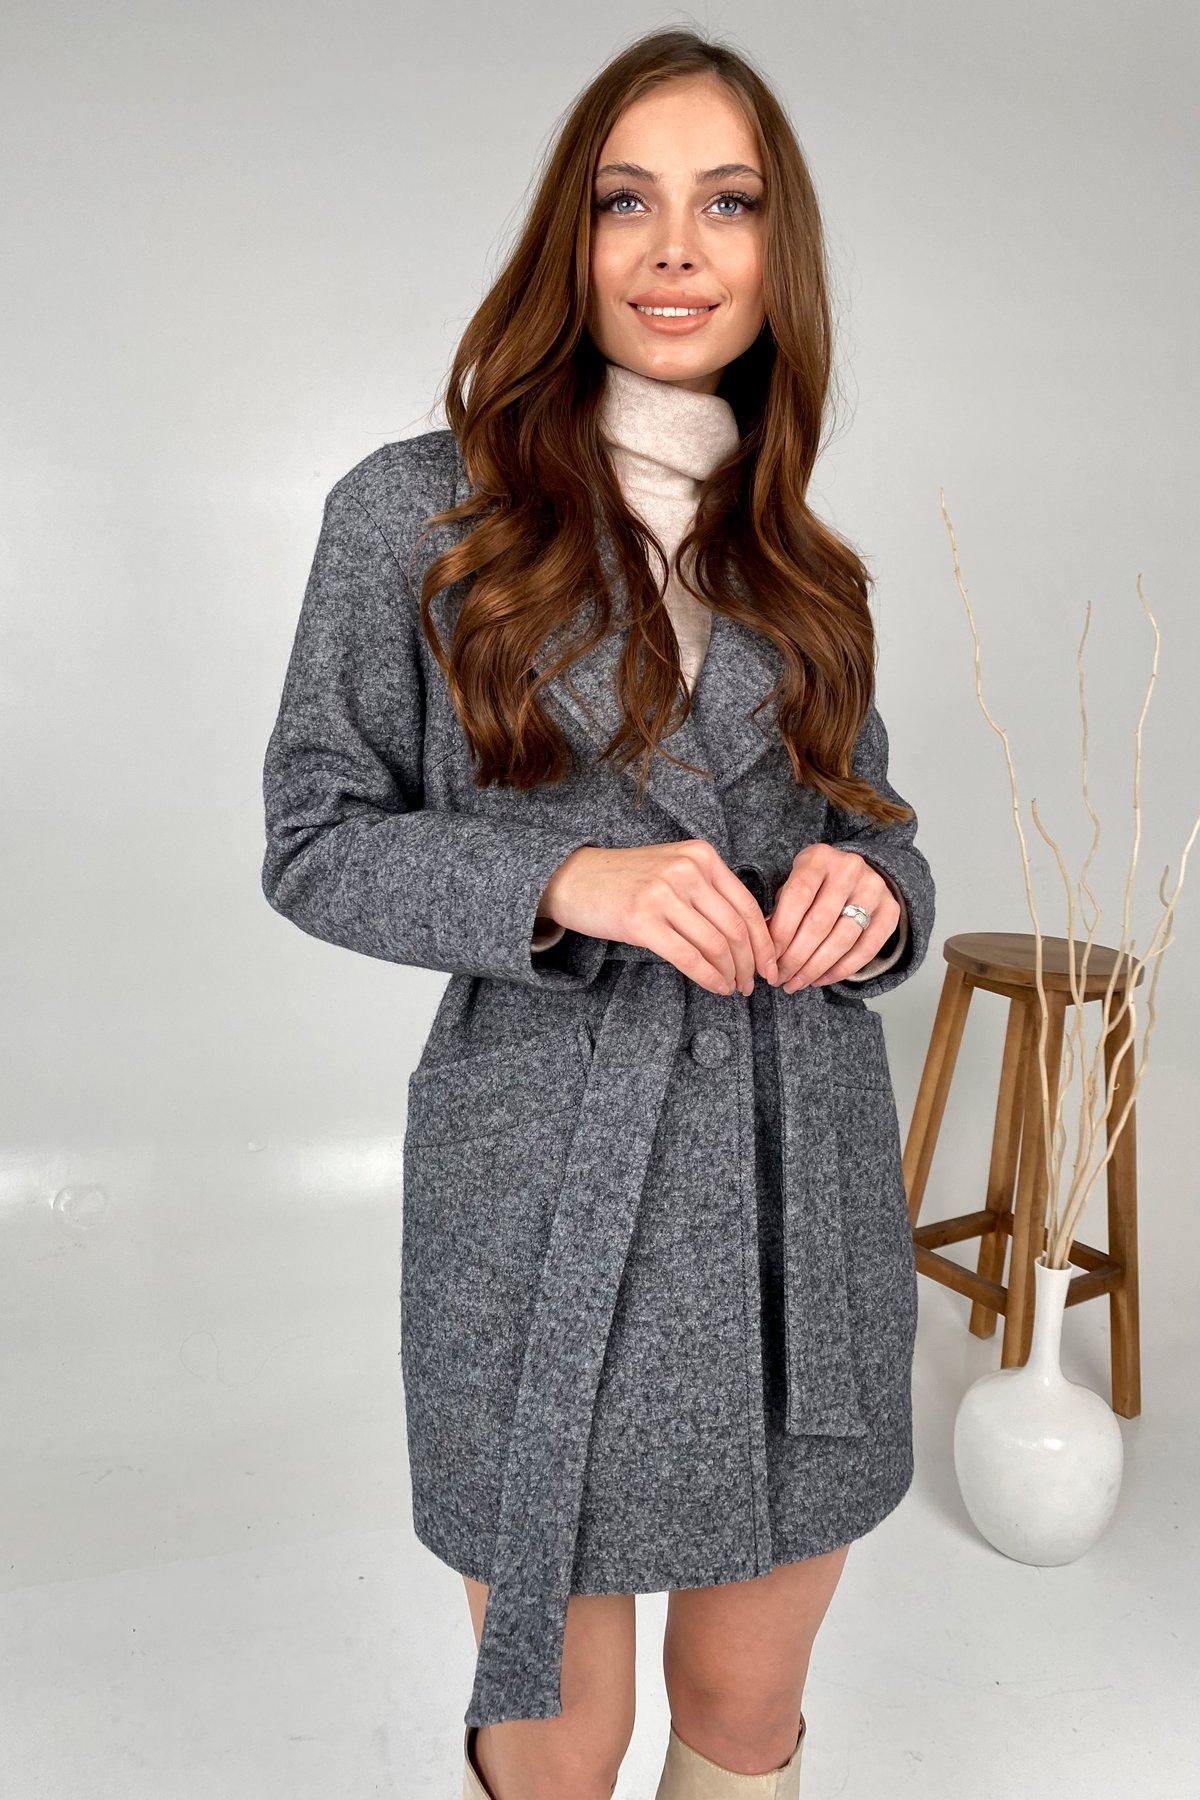 Вейсона шерсть варенка пальто 9825 АРТ. 46290 Цвет: Серый - фото 3, интернет магазин tm-modus.ru